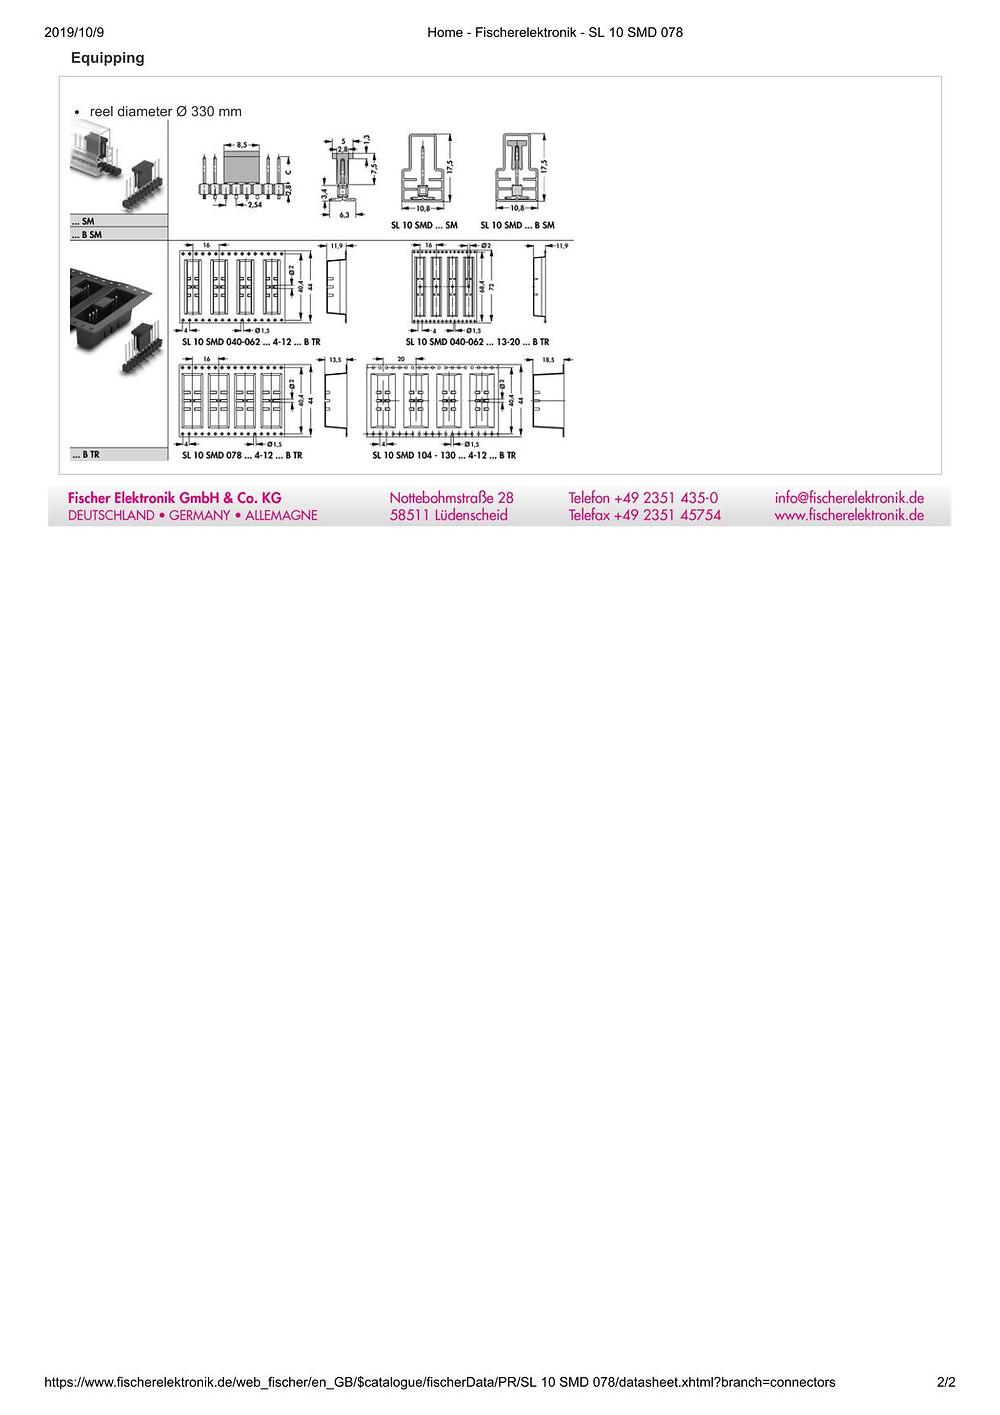 SL 10 SMD 078 フィッシャー テープ&リール対応 ピンヘッダ 2.54㎜ピッチ □0.635mm (1リール=250個巻)4-20ピン